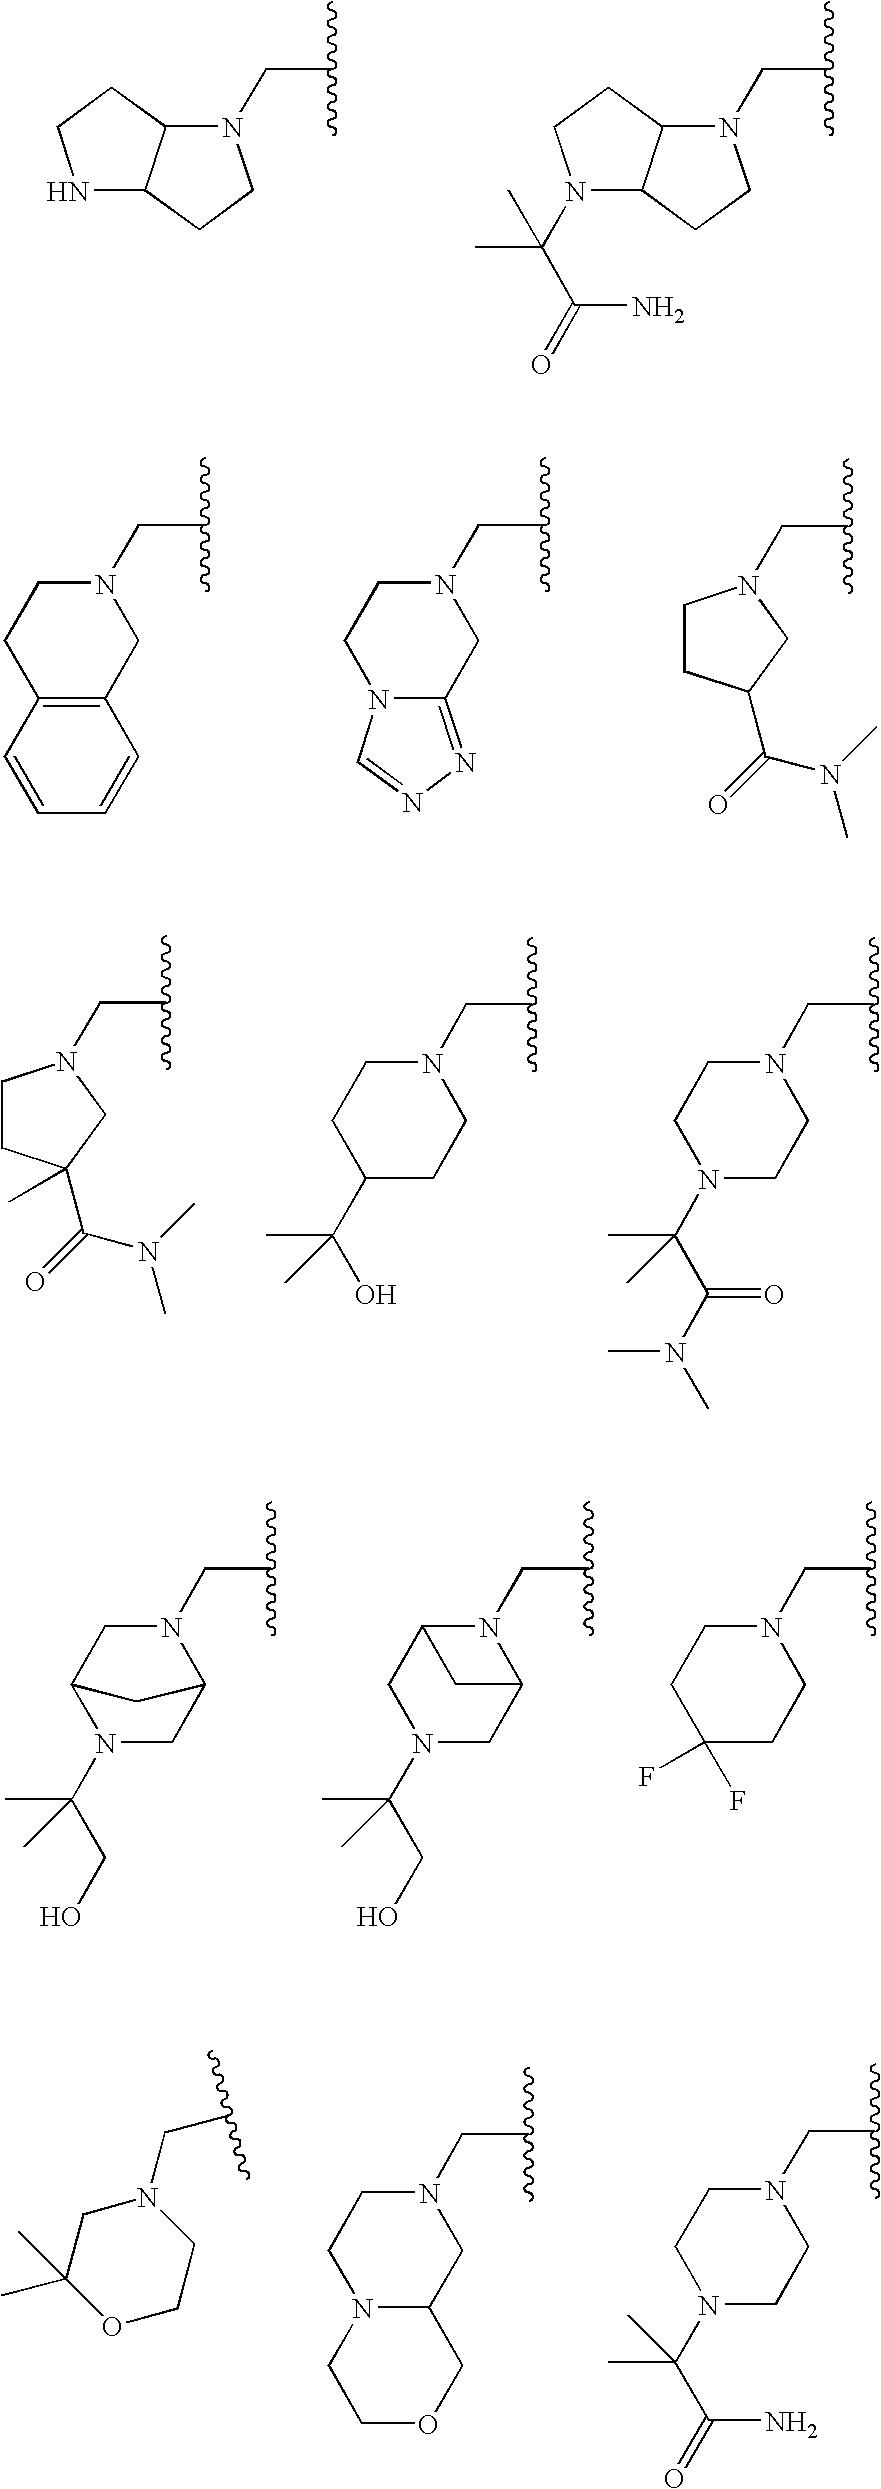 Figure US08173650-20120508-C00025